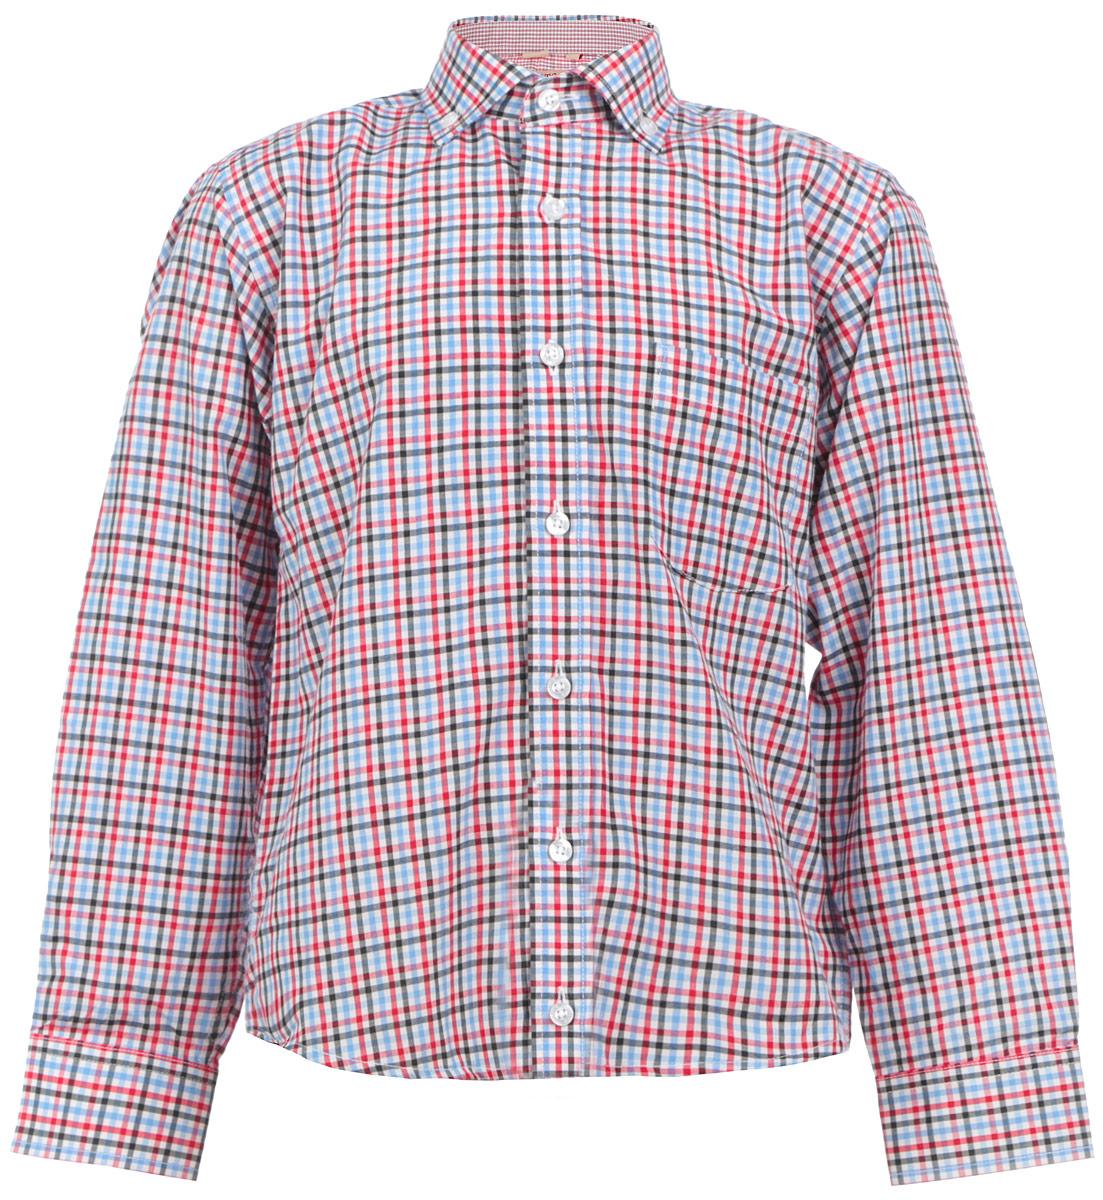 Рубашка для мальчика. TR.102/ST/038/25TR.102/ST/038/25Стильная рубашка для мальчика Imperator идеально подойдет вашему юному мужчине. Изготовленная из хлопка с добавлением полиэстера, она мягкая и приятная на ощупь, не сковывает движения и позволяет коже дышать, не раздражает даже самую нежную и чувствительную кожу ребенка, обеспечивая ему наибольший комфорт. Модель классического кроя с длинными рукавами и отложным воротничком застегивается по всей длине на пуговицы. Края воротника пристегиваются к рубашке с помощью пуговиц. На груди располагается накладной карман. Края рукавов дополнены широкими манжетами на пуговицах. Низ изделия немного закруглен к боковым швам. Оформлено изделие принтом в клетку. Такая рубашка будет прекрасно смотреться с брюками и джинсами. Она станет неотъемлемой частью детского гардероба.